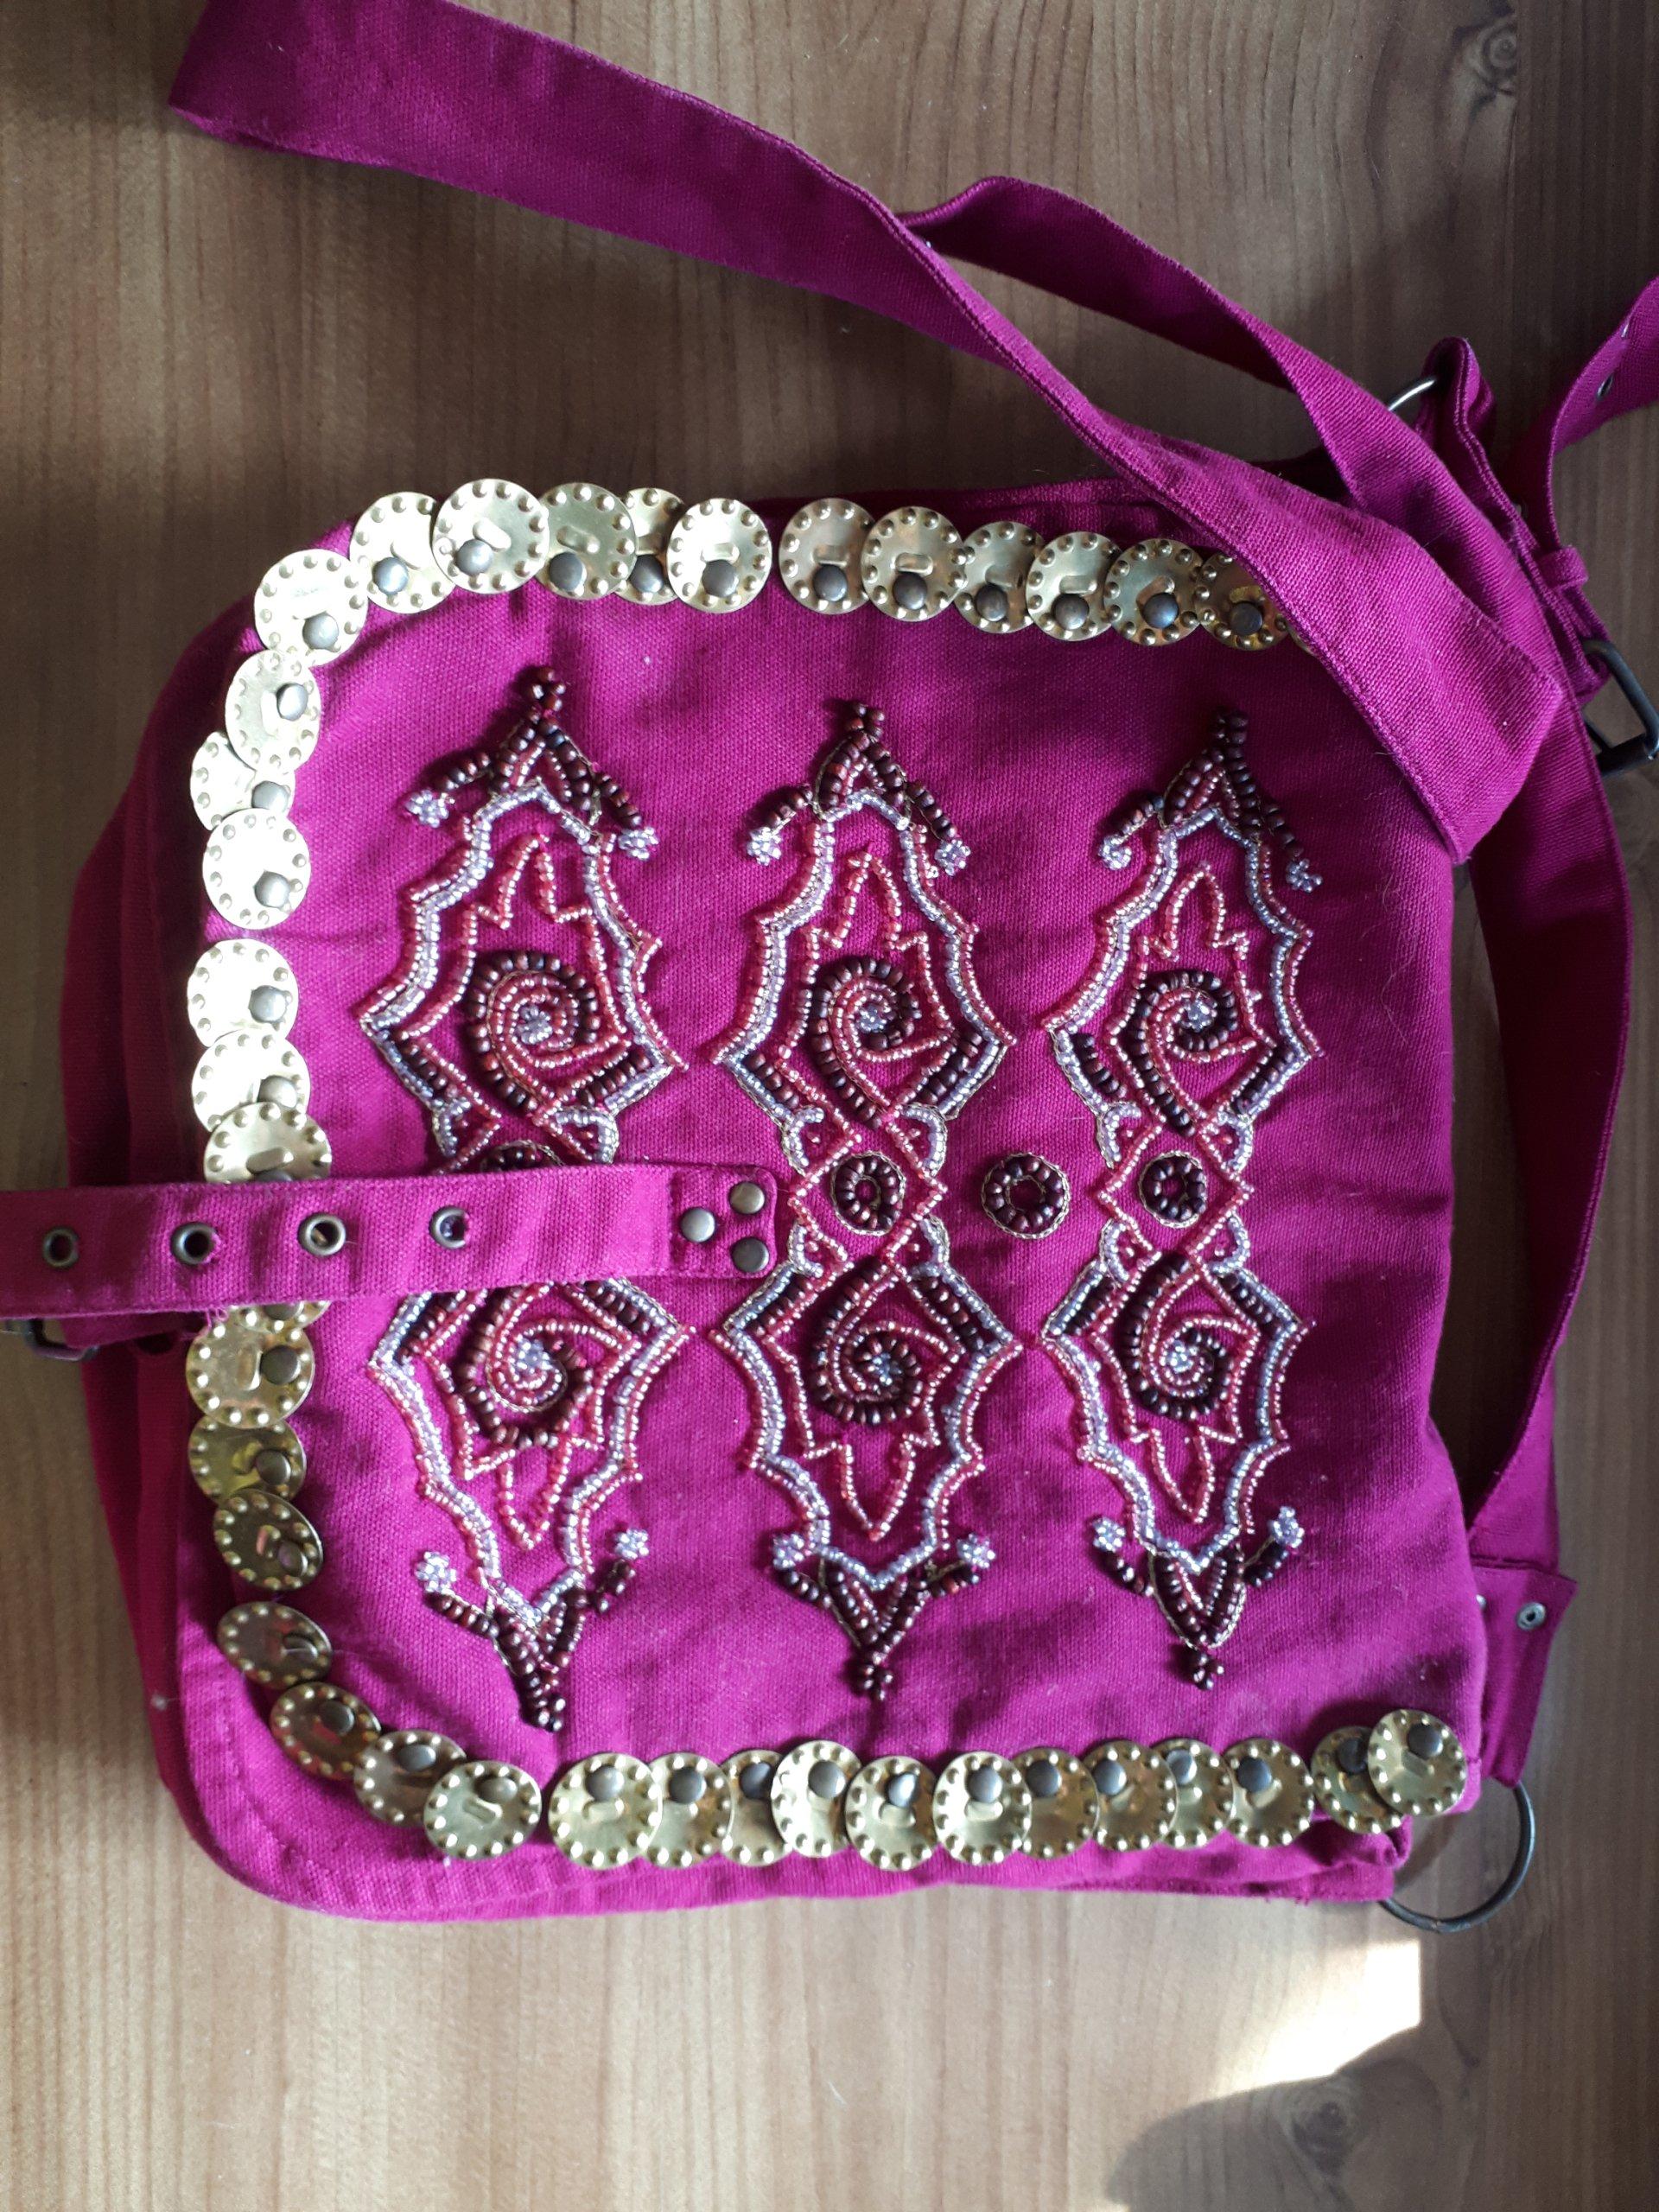 61ffe65357233 H&M piękna torebka etno boho vintage koraliki - 7403374344 ...